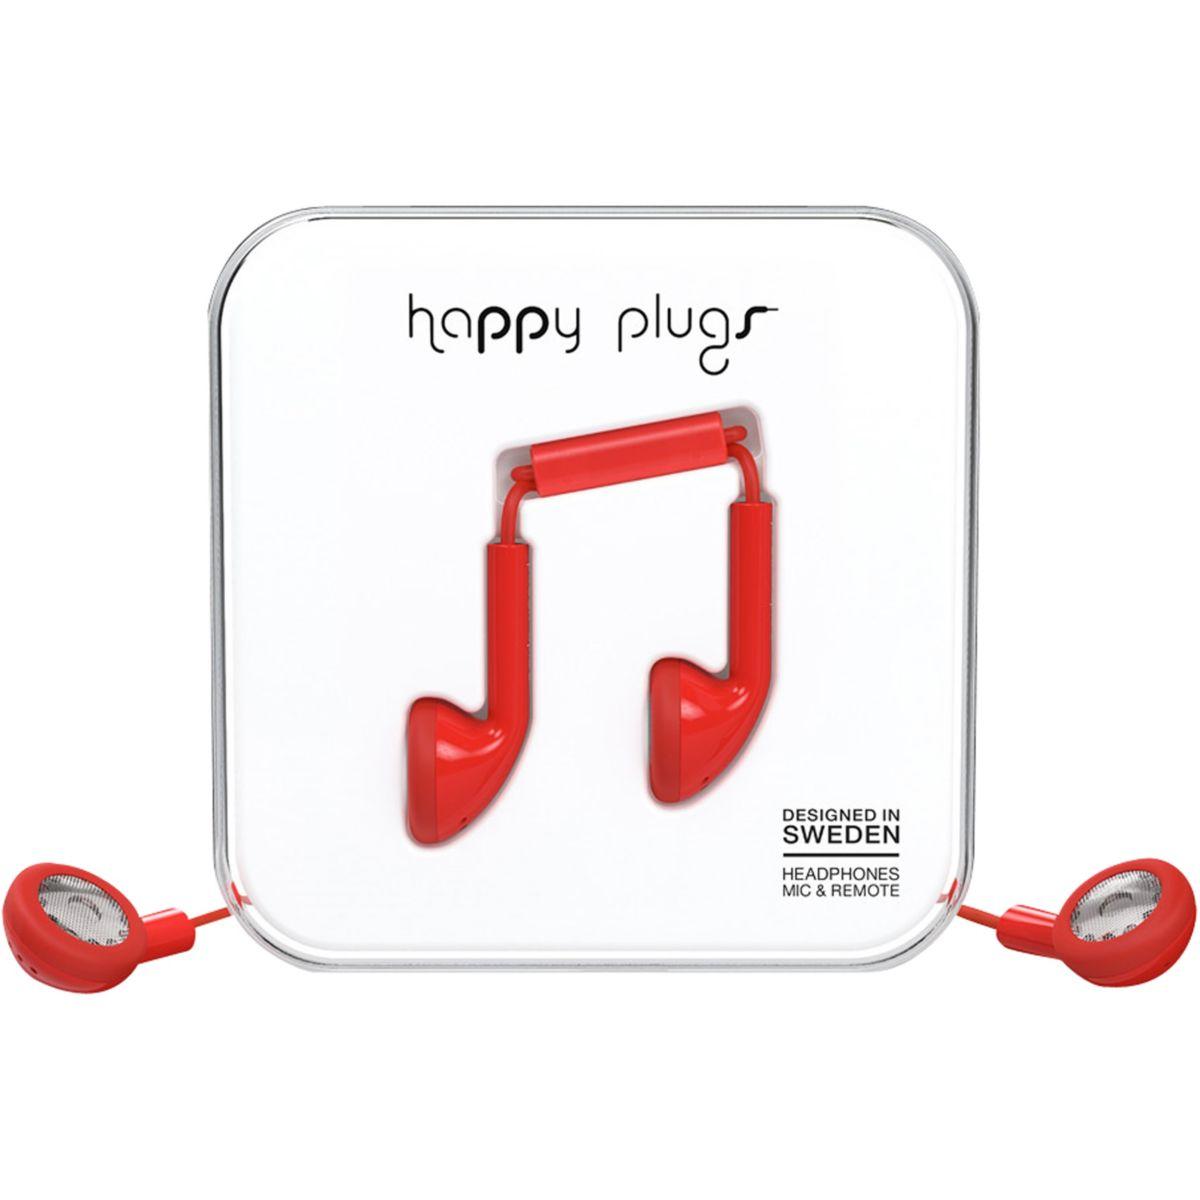 Ecouteurs avec micro happy plugs earbud red - 7% de remise immédiate avec le code : multi7